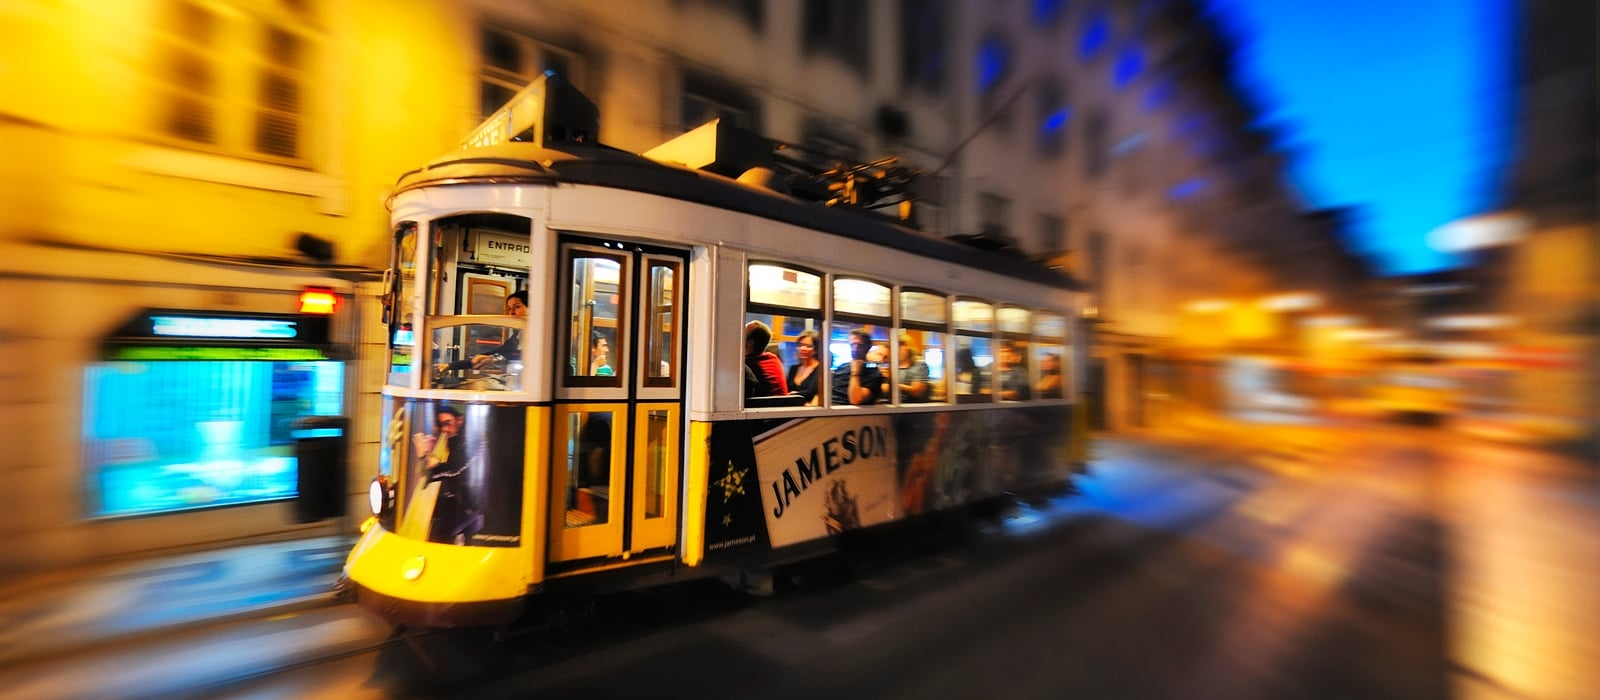 Lisboa - Vincci Hoteles